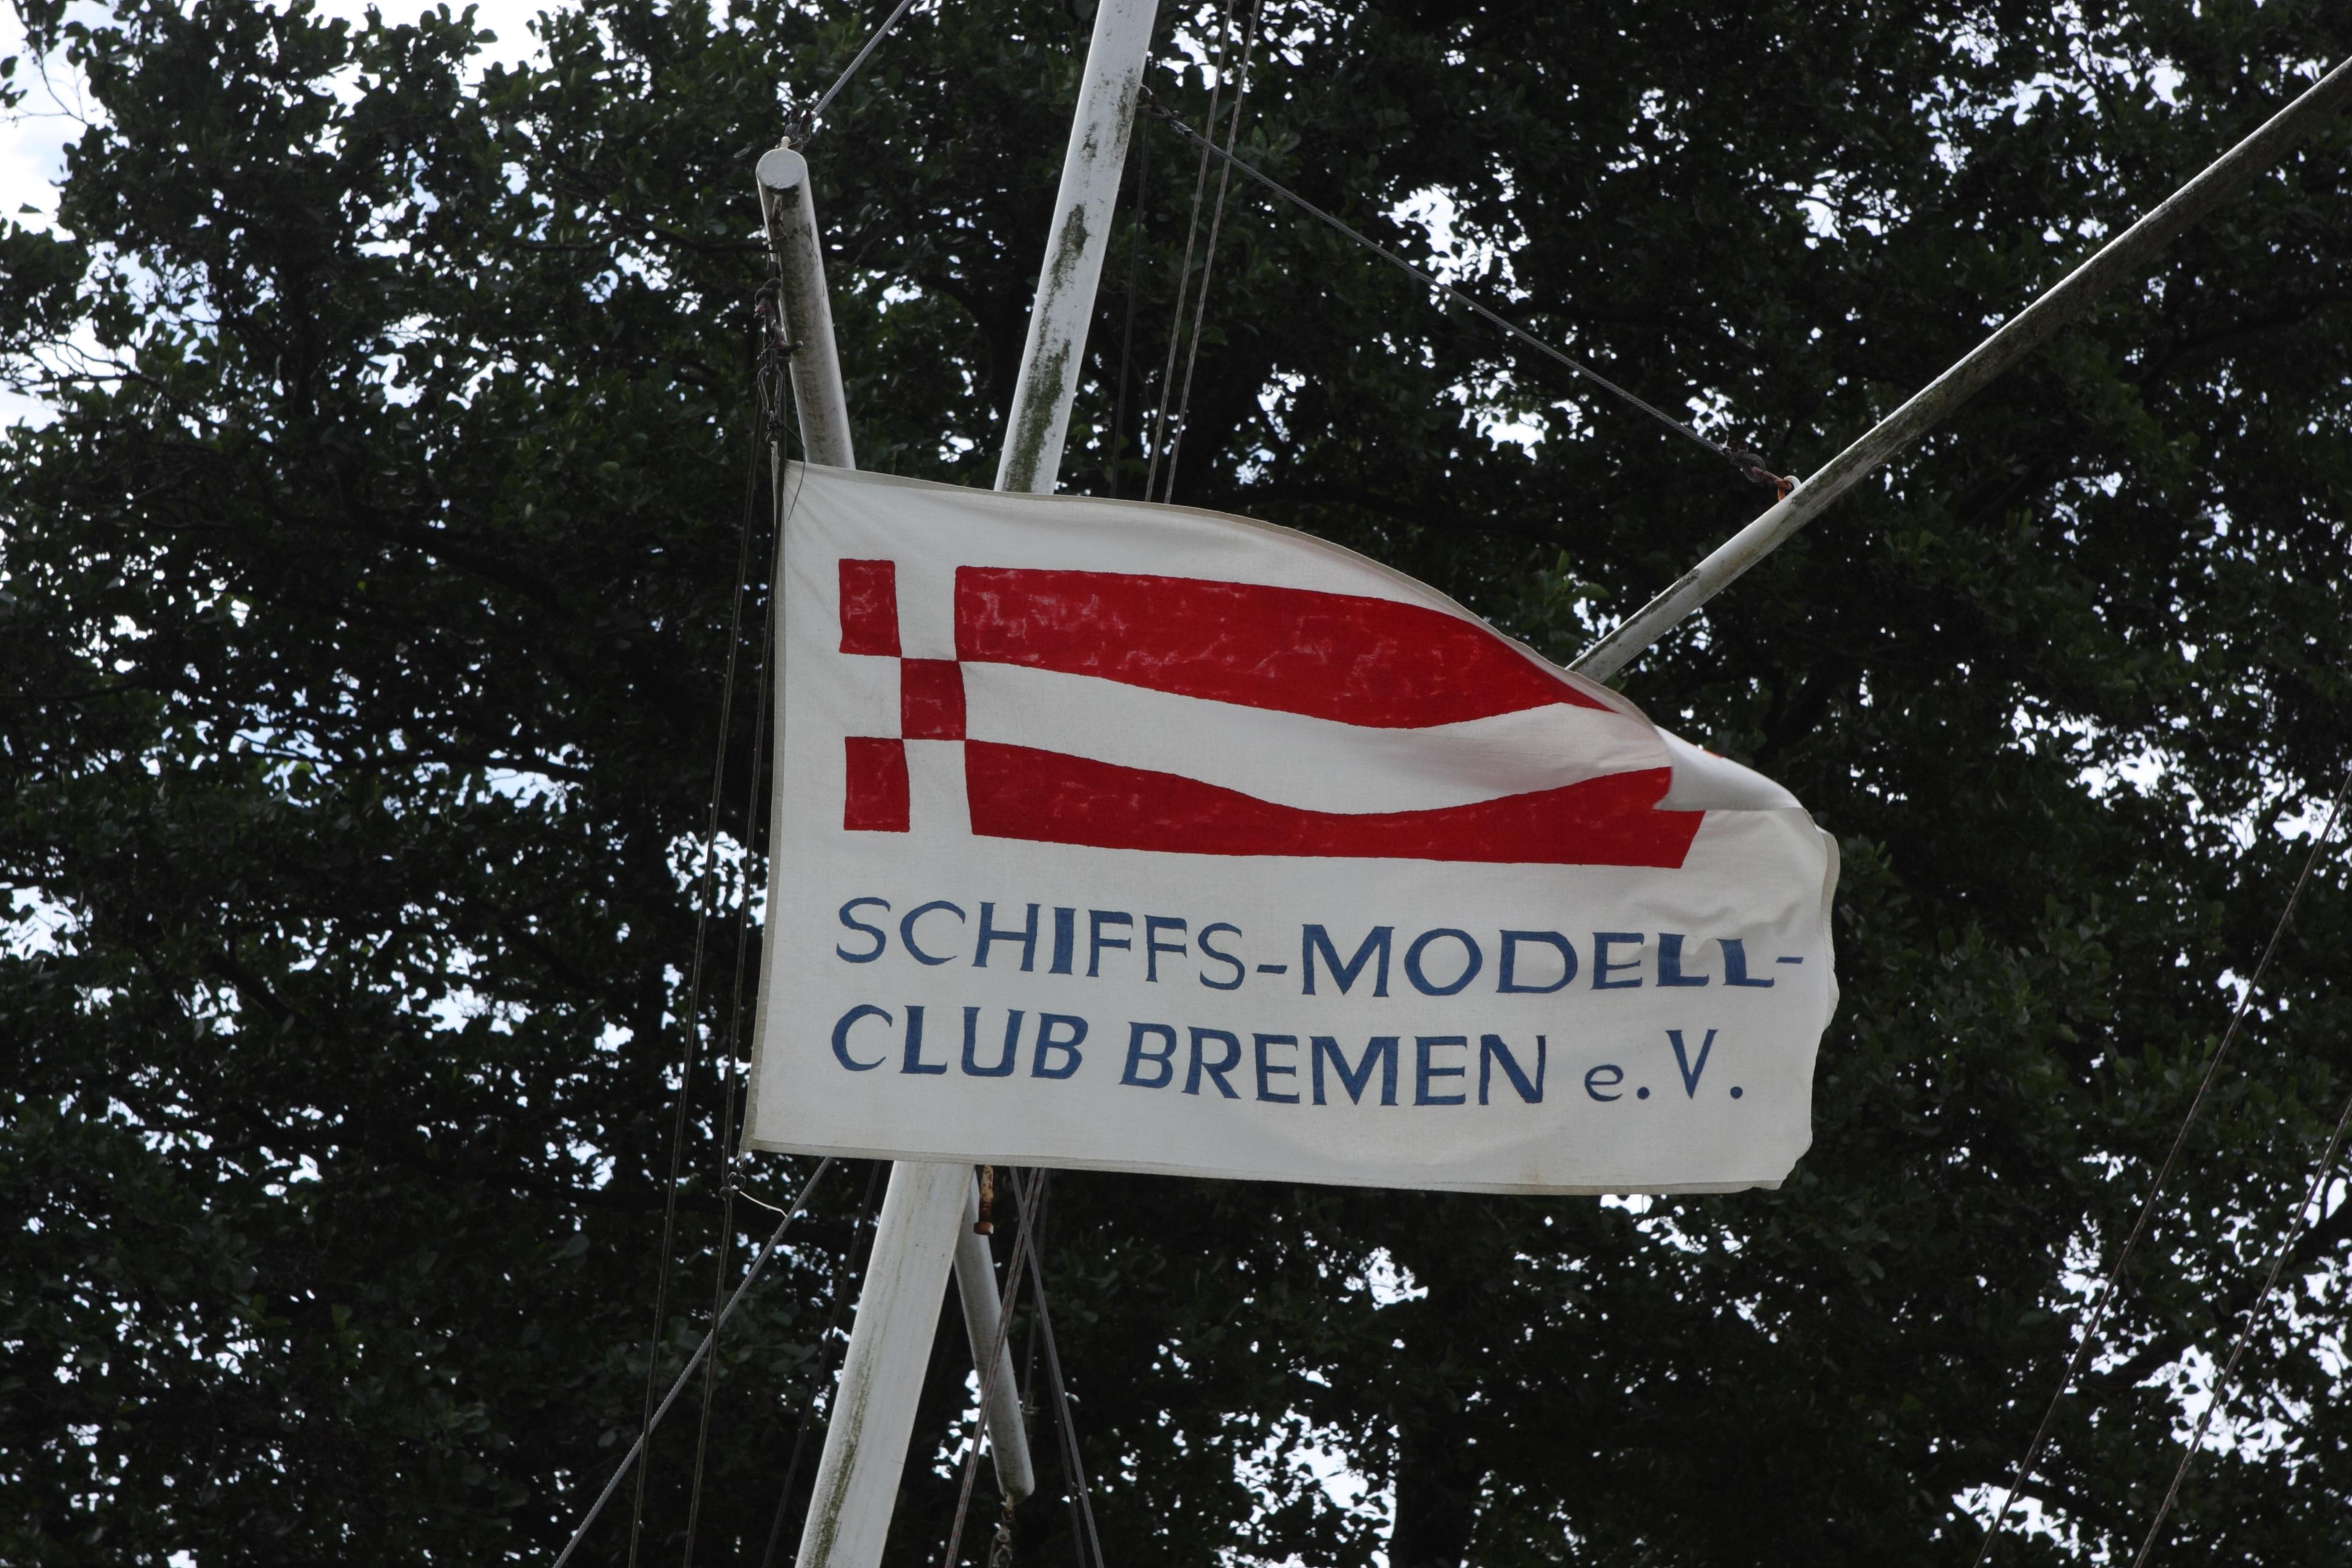 Flagge des SMC Bremen